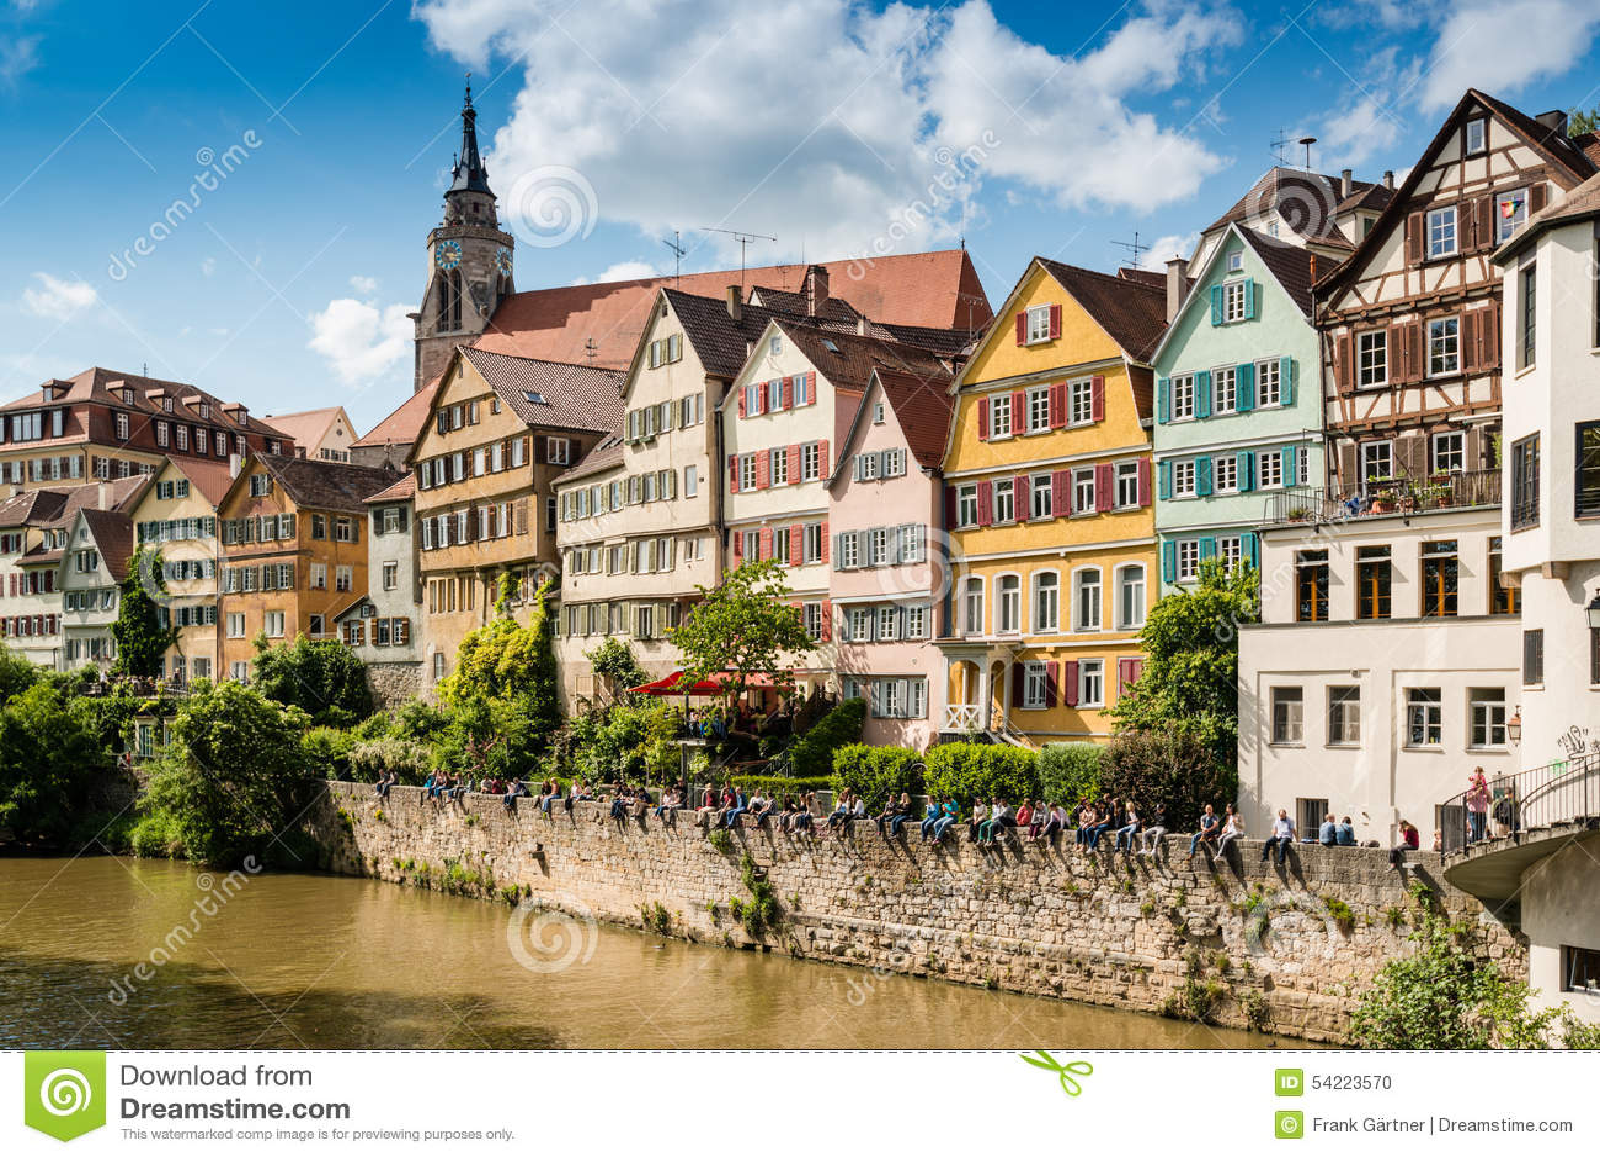 Schöne Häuser Im Stadtzentrum Gelegen In Der Ufergegend ... size: 1300 x 958 post ID: 7 File size: 0 B